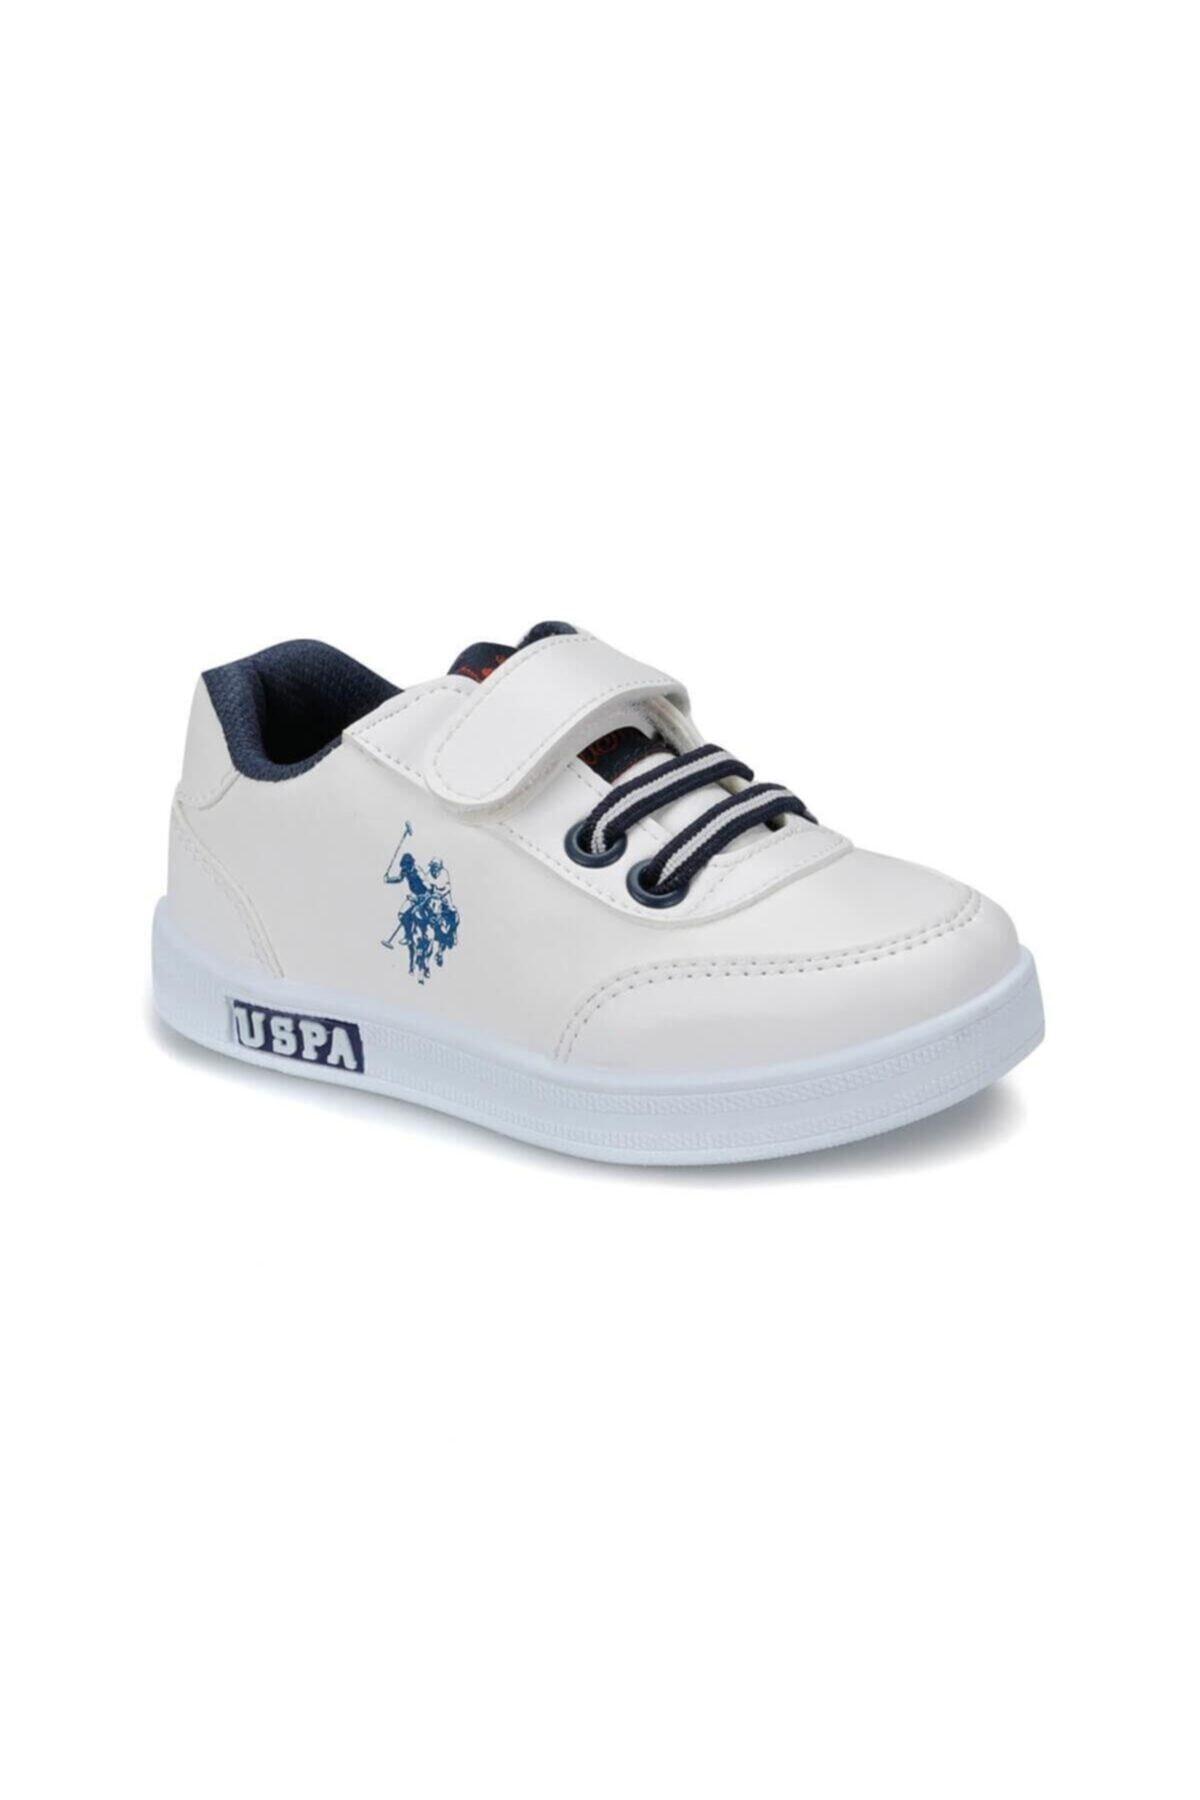 خرید ارزان کفش اسپرت بچه گانه دخترانه  برند یو اس پولو کد ty2257776